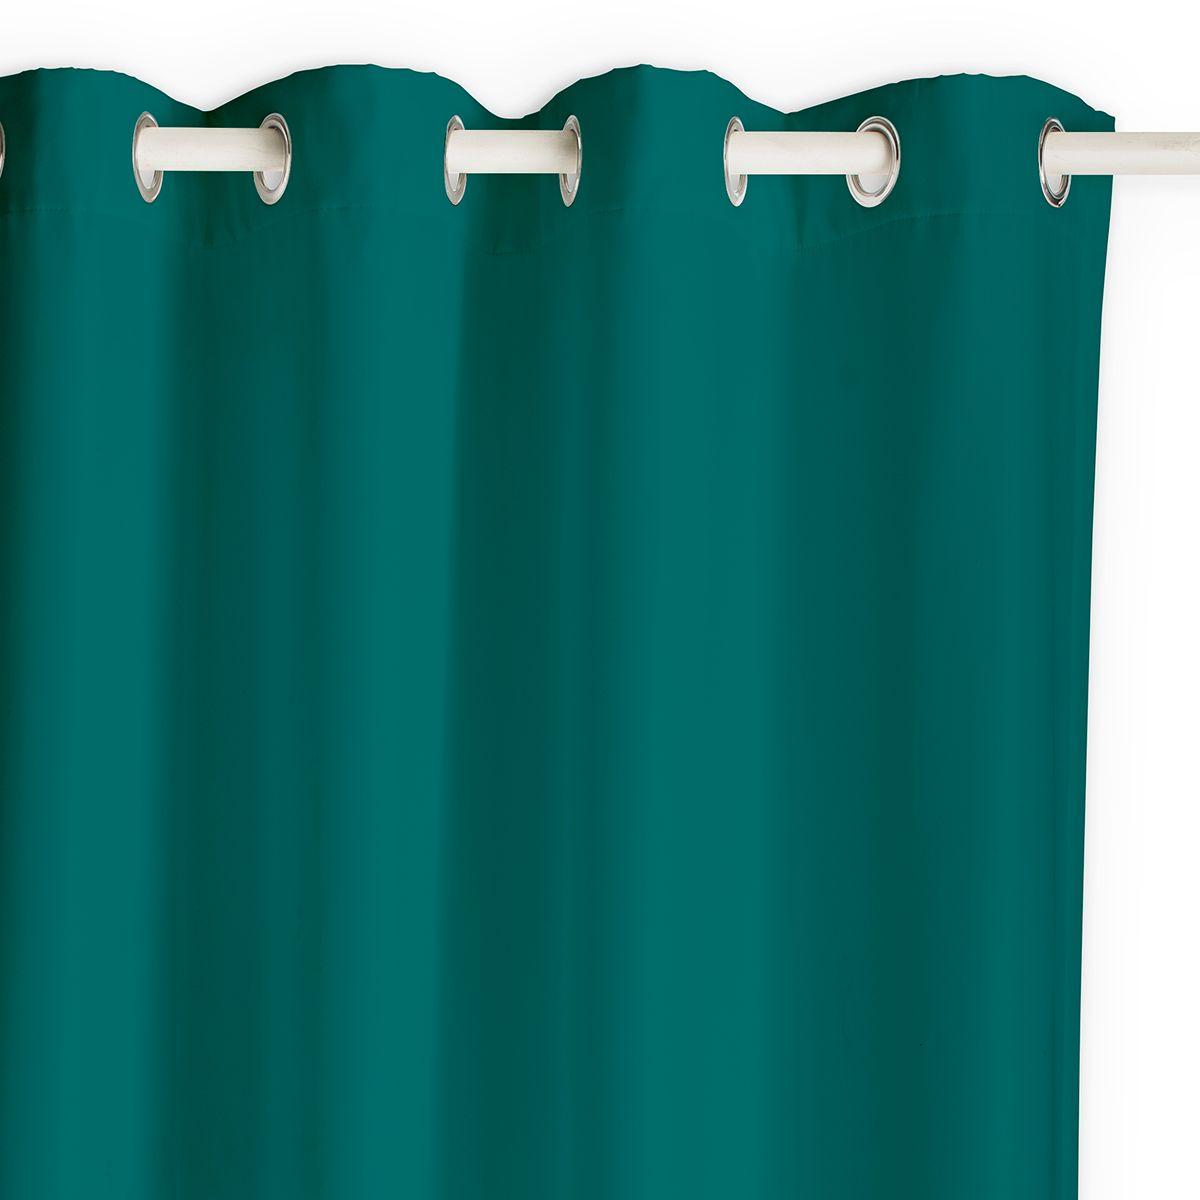 Rideau occultant et isolant vert sapin Buga 140x240cm